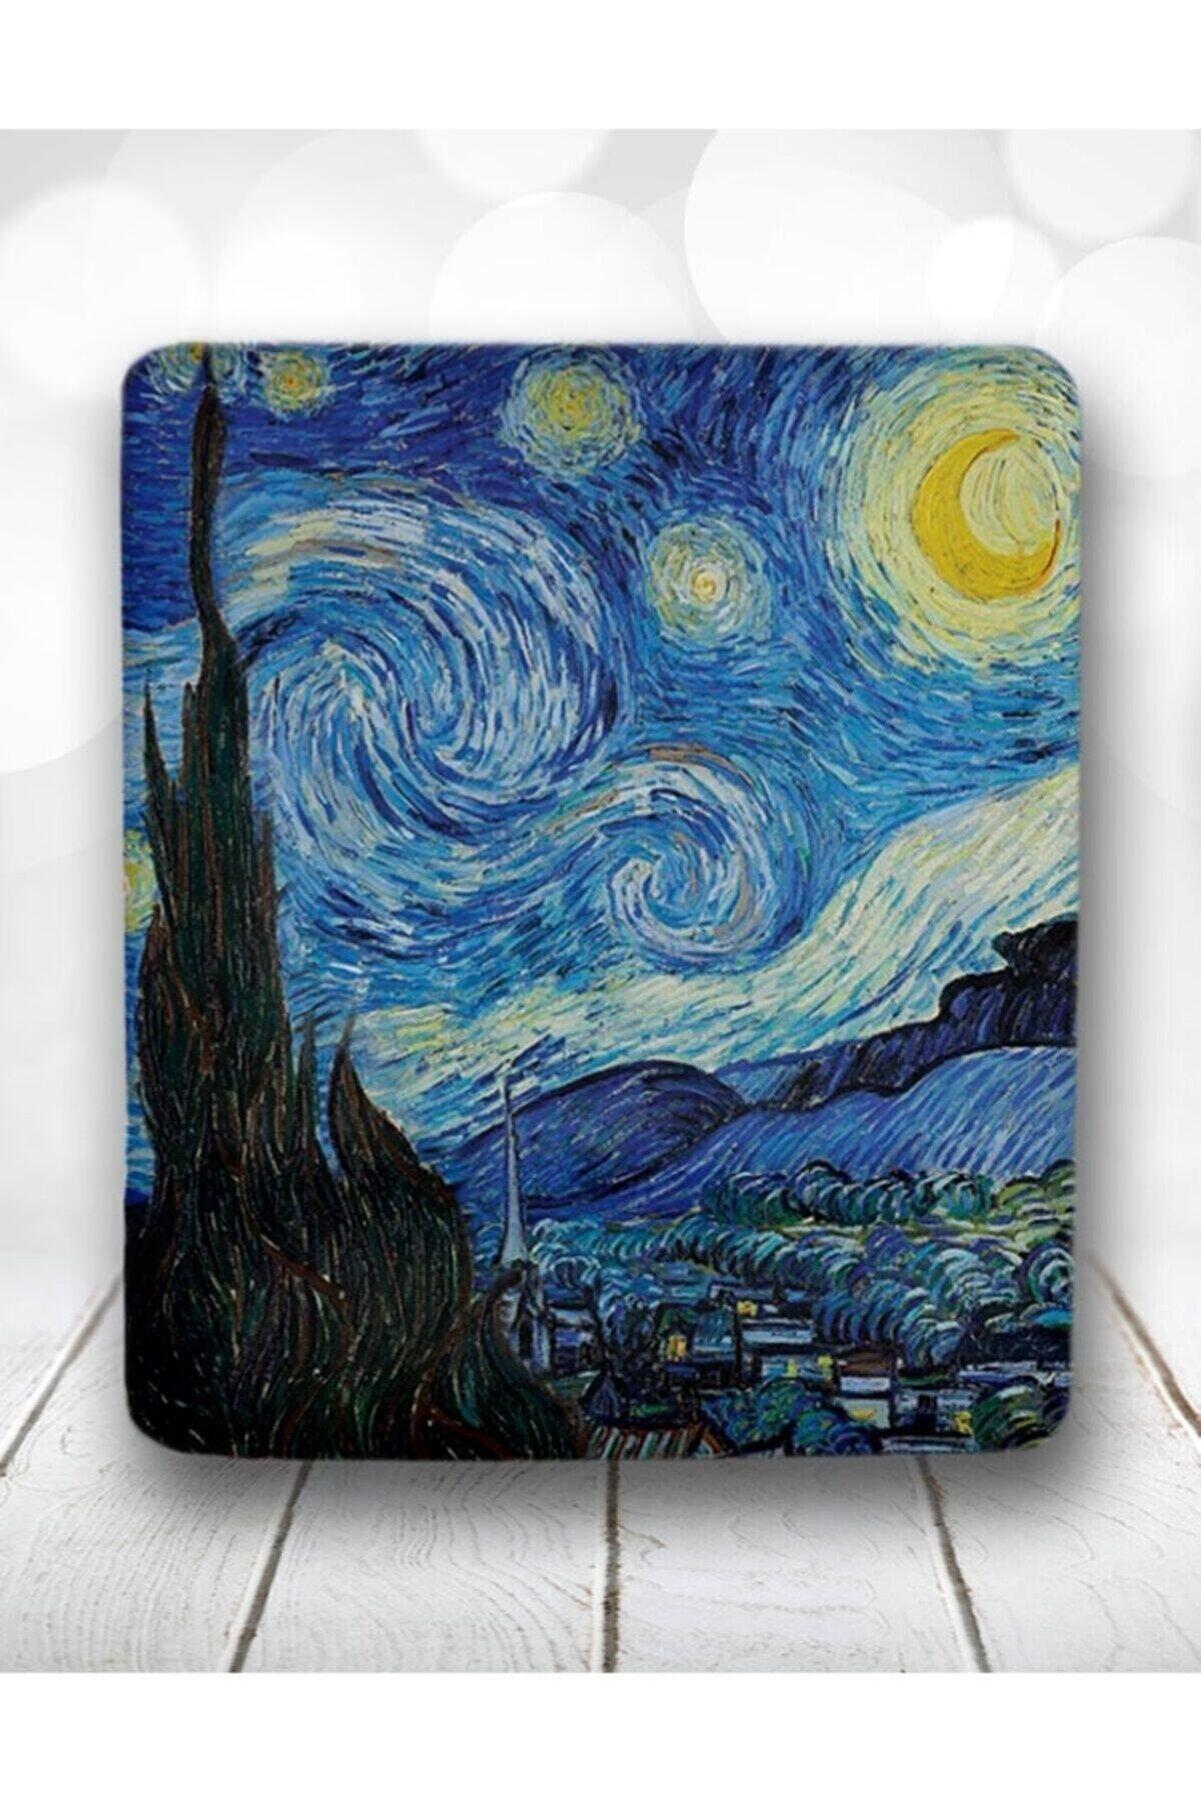 Atölye Çizgi Van Gogh Yıldızlı Gece Bilek Destekli Mouse Pad